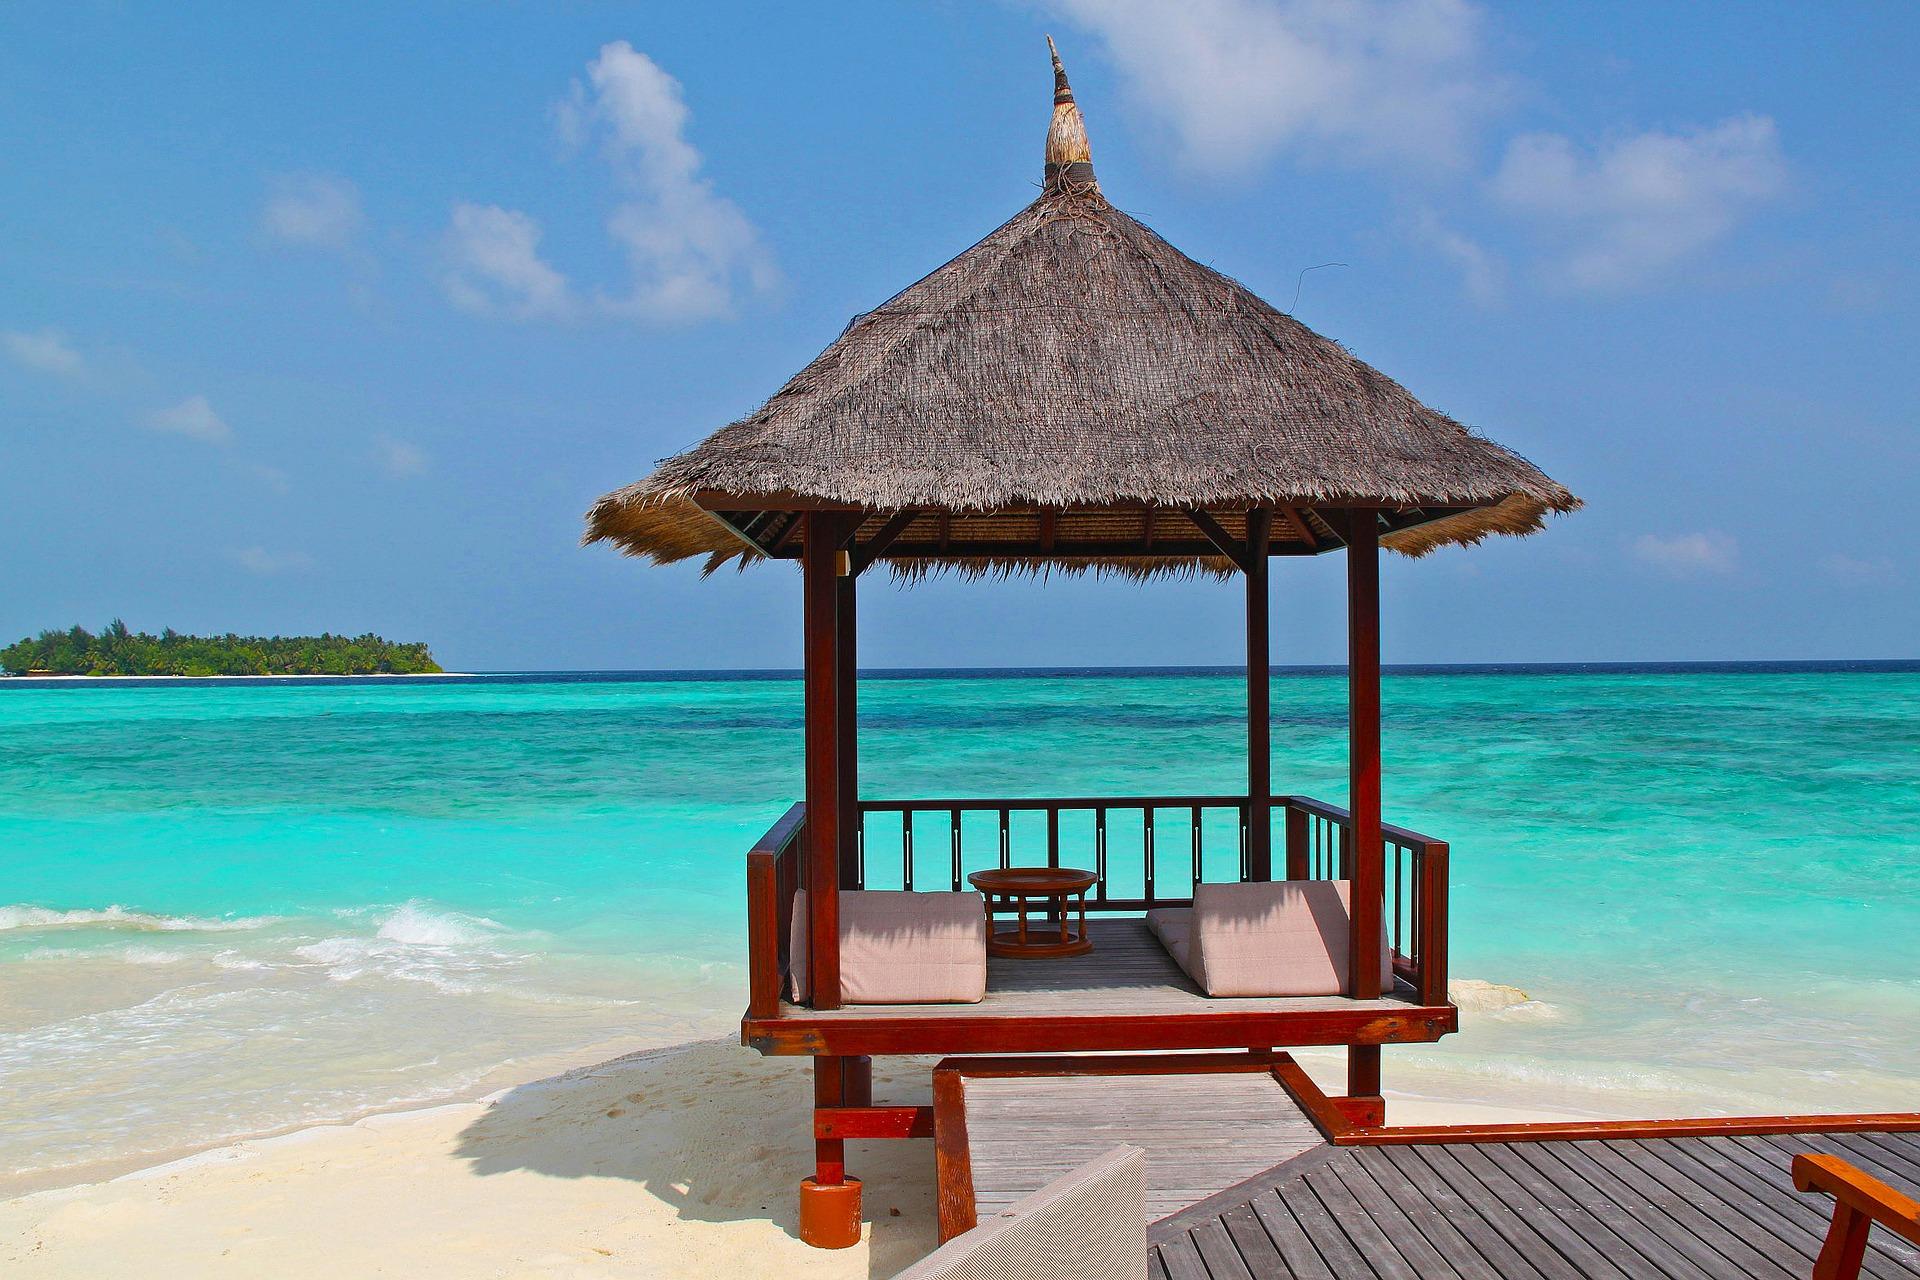 Avrupalı Soruyor : Yaz Tatili Yapabilecek miyiz?